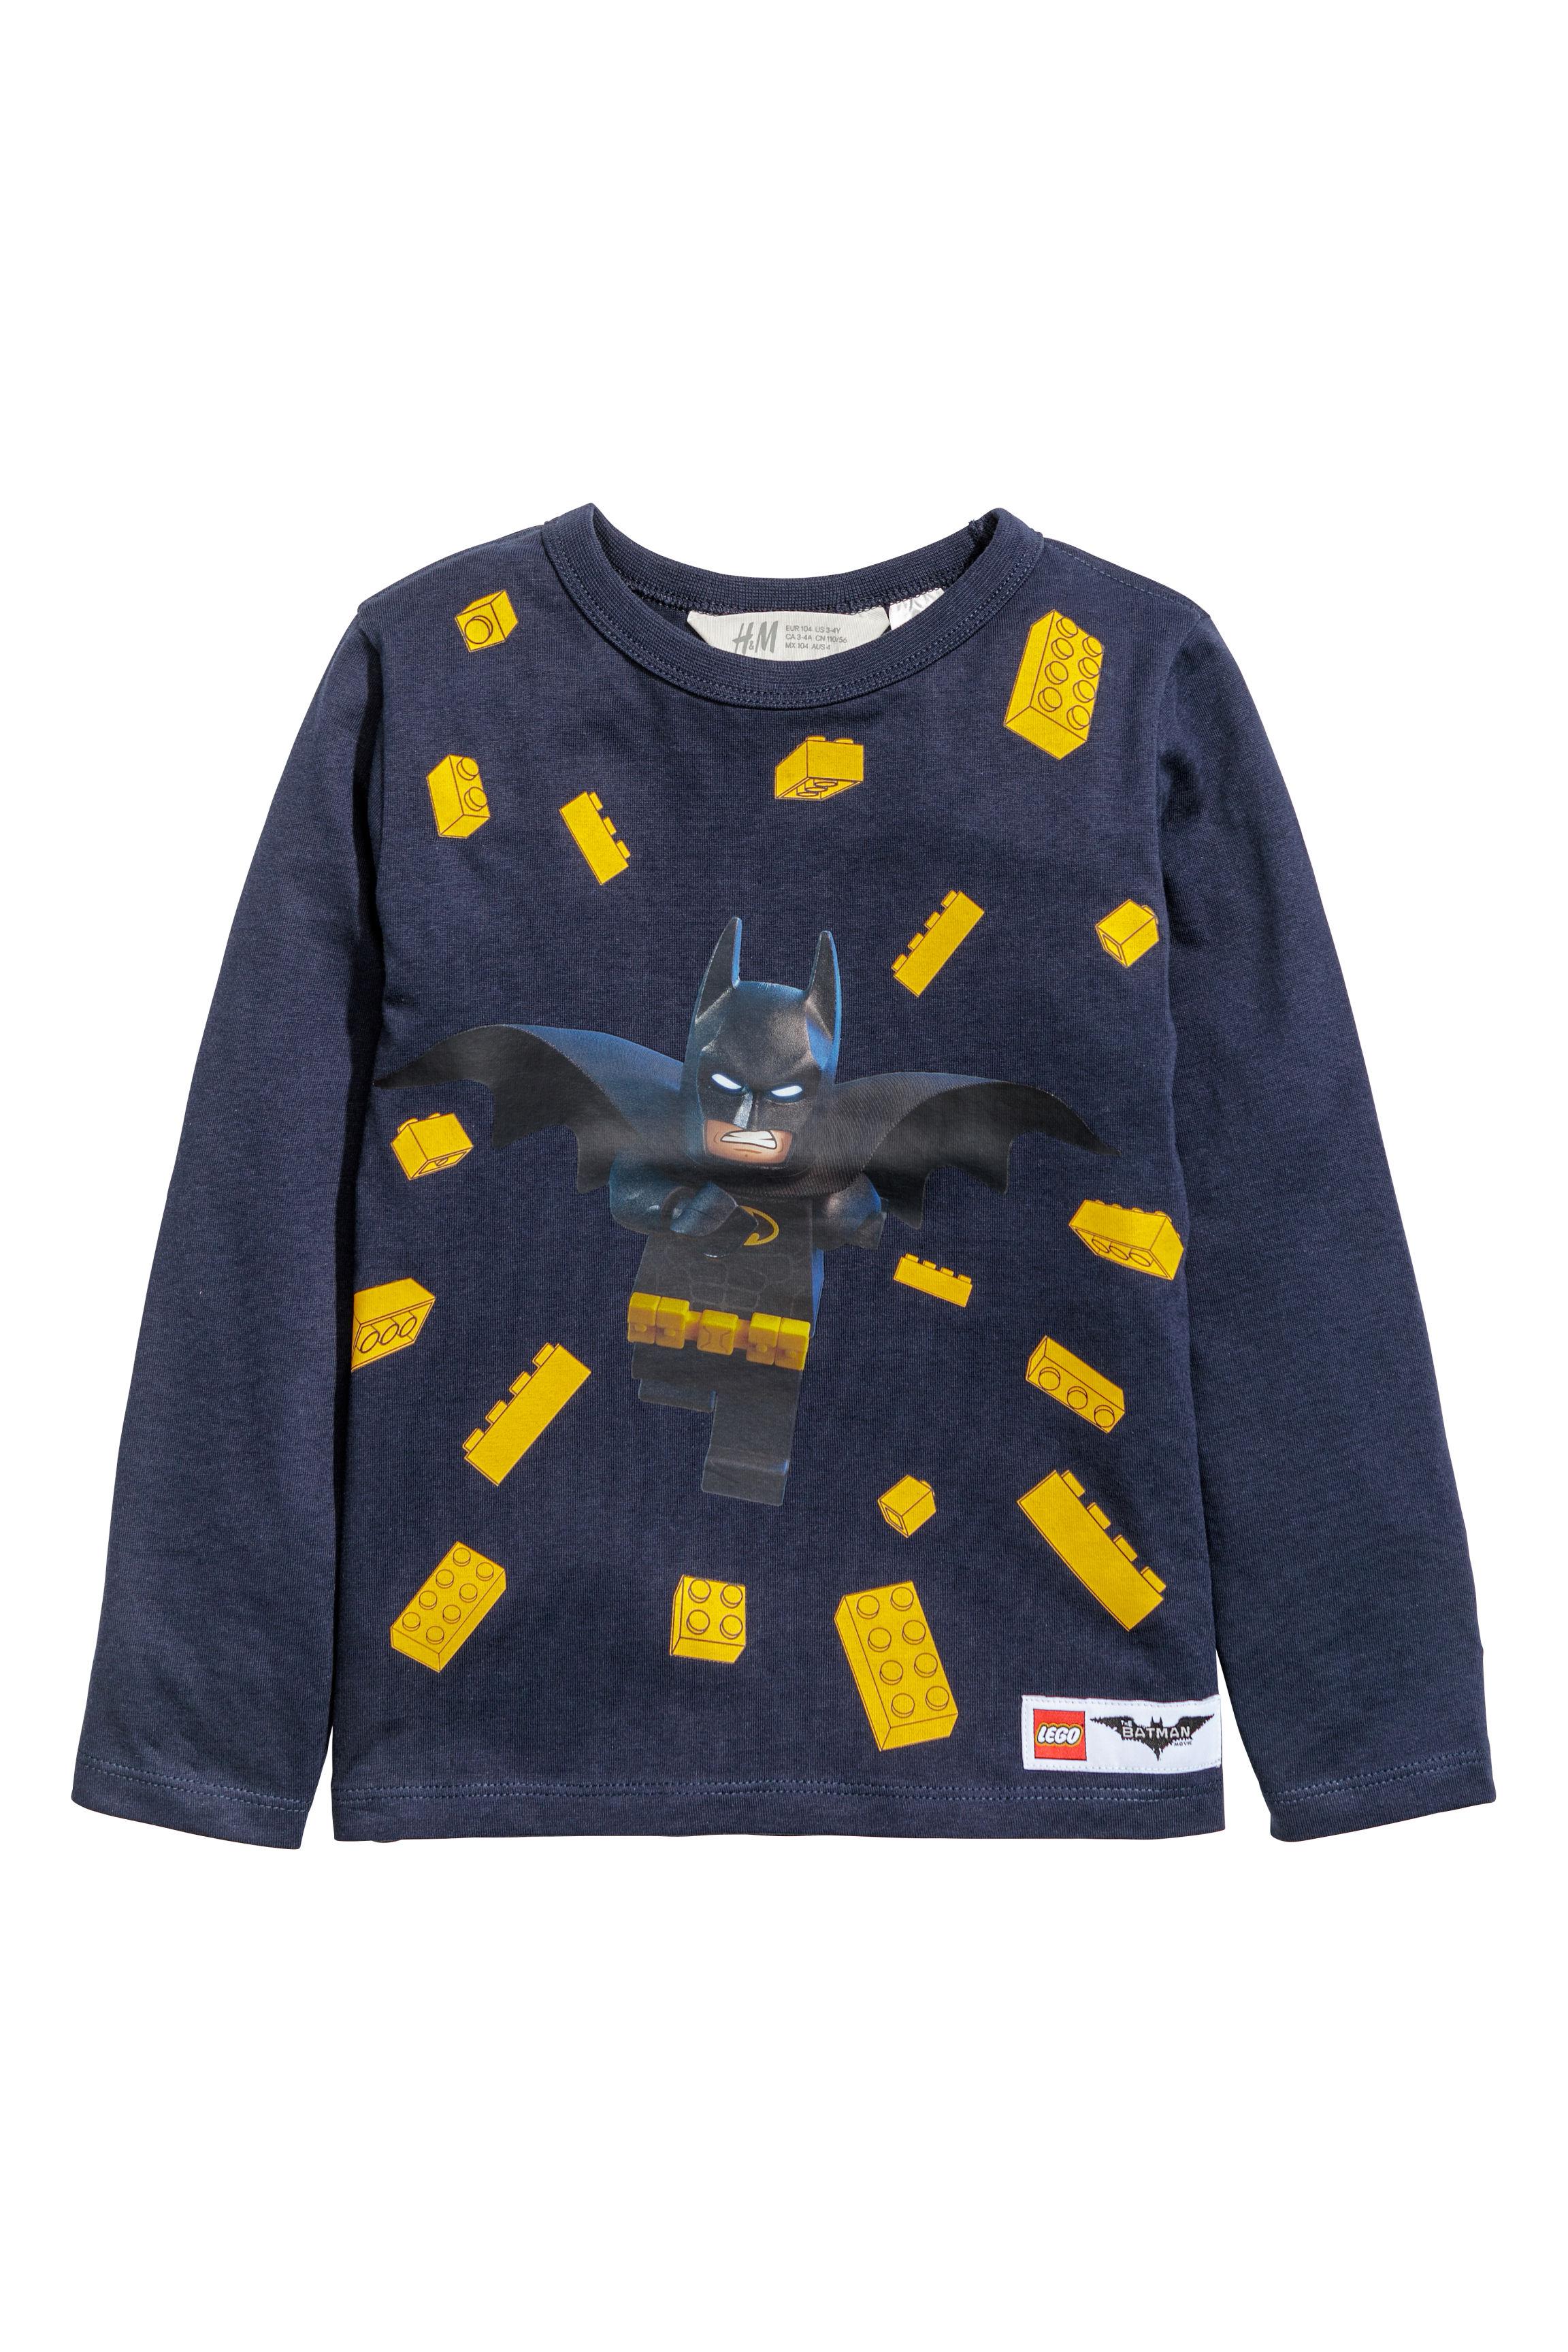 2 db-os dzsörzéfelső szett - Sötétkék Lego Batman - GYEREK  4b393357c1